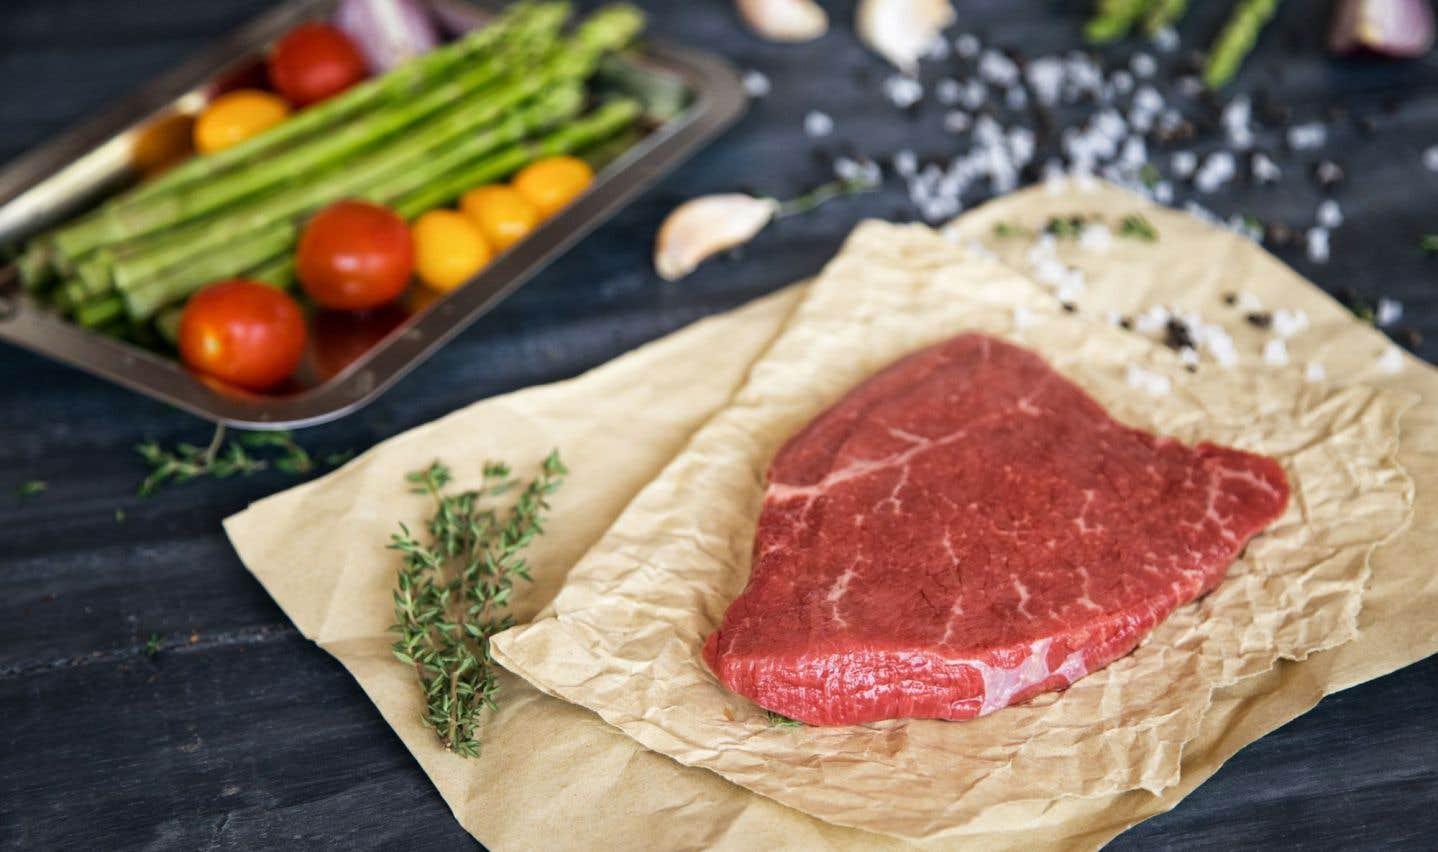 Le régime paléo met de l'avant les denrées fraîches comme la viande, le poisson, les fruits, les légumes, les graines et les racines.